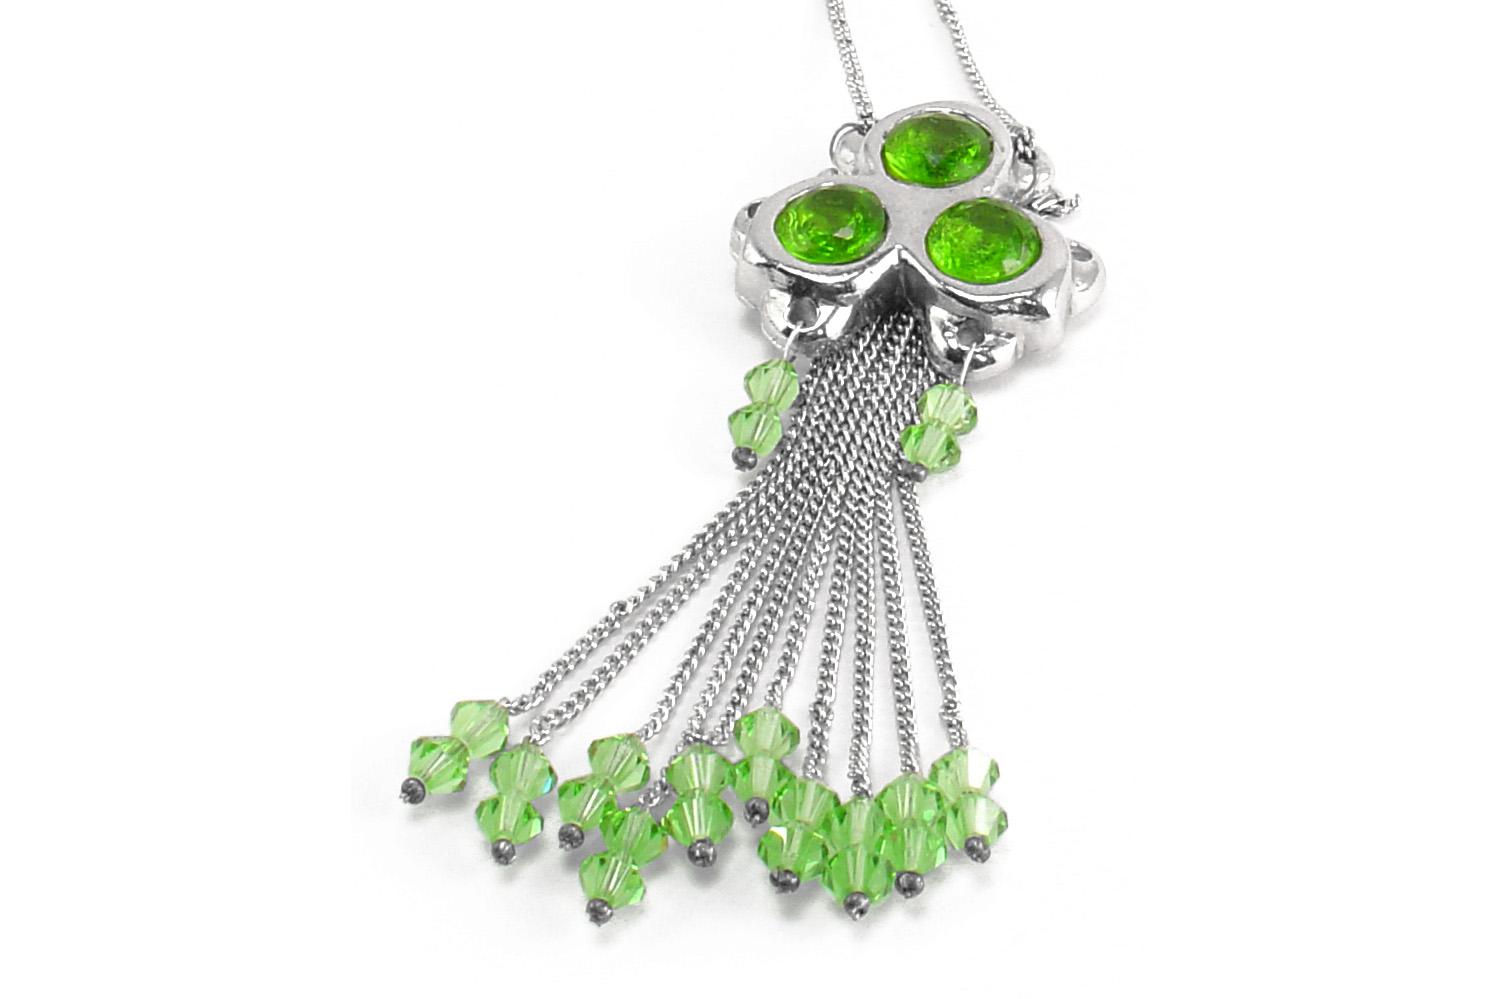 Trifoil Necklace